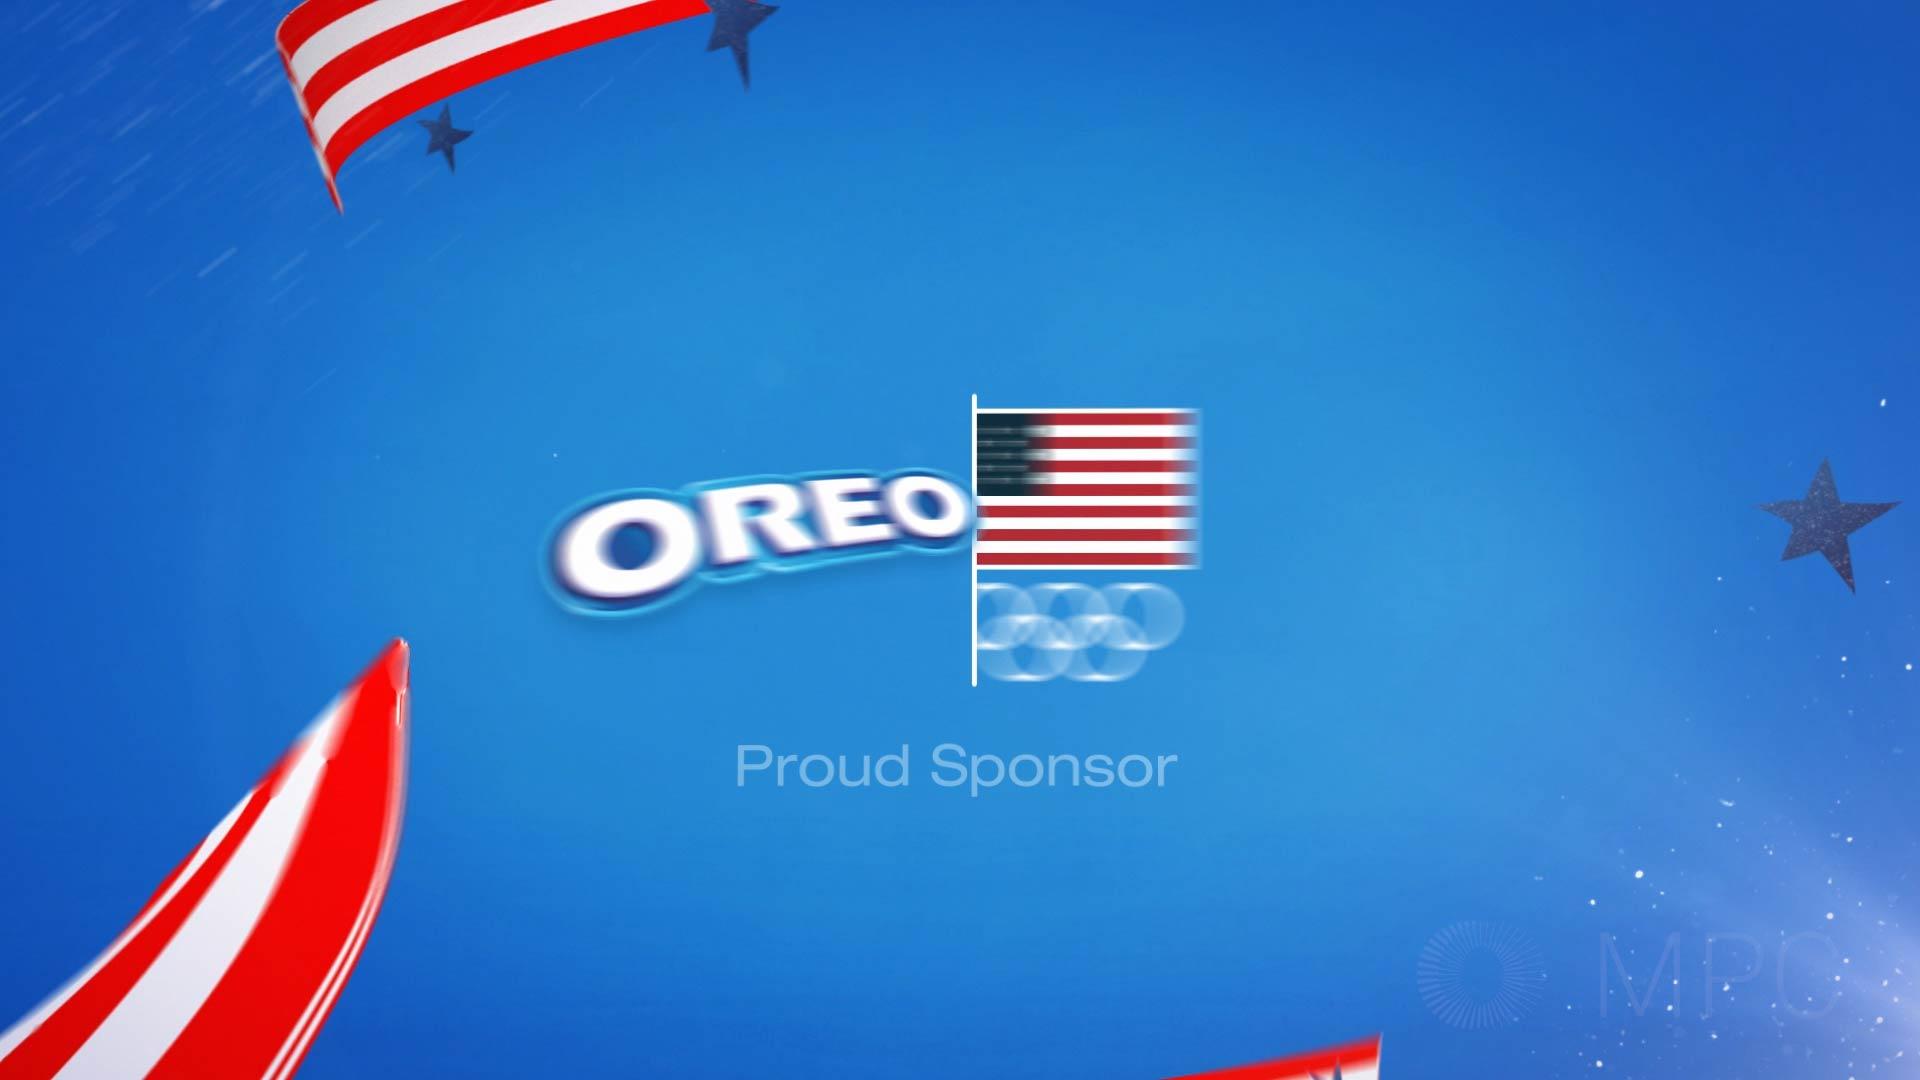 OREO_OLYMPICS_05.jpg